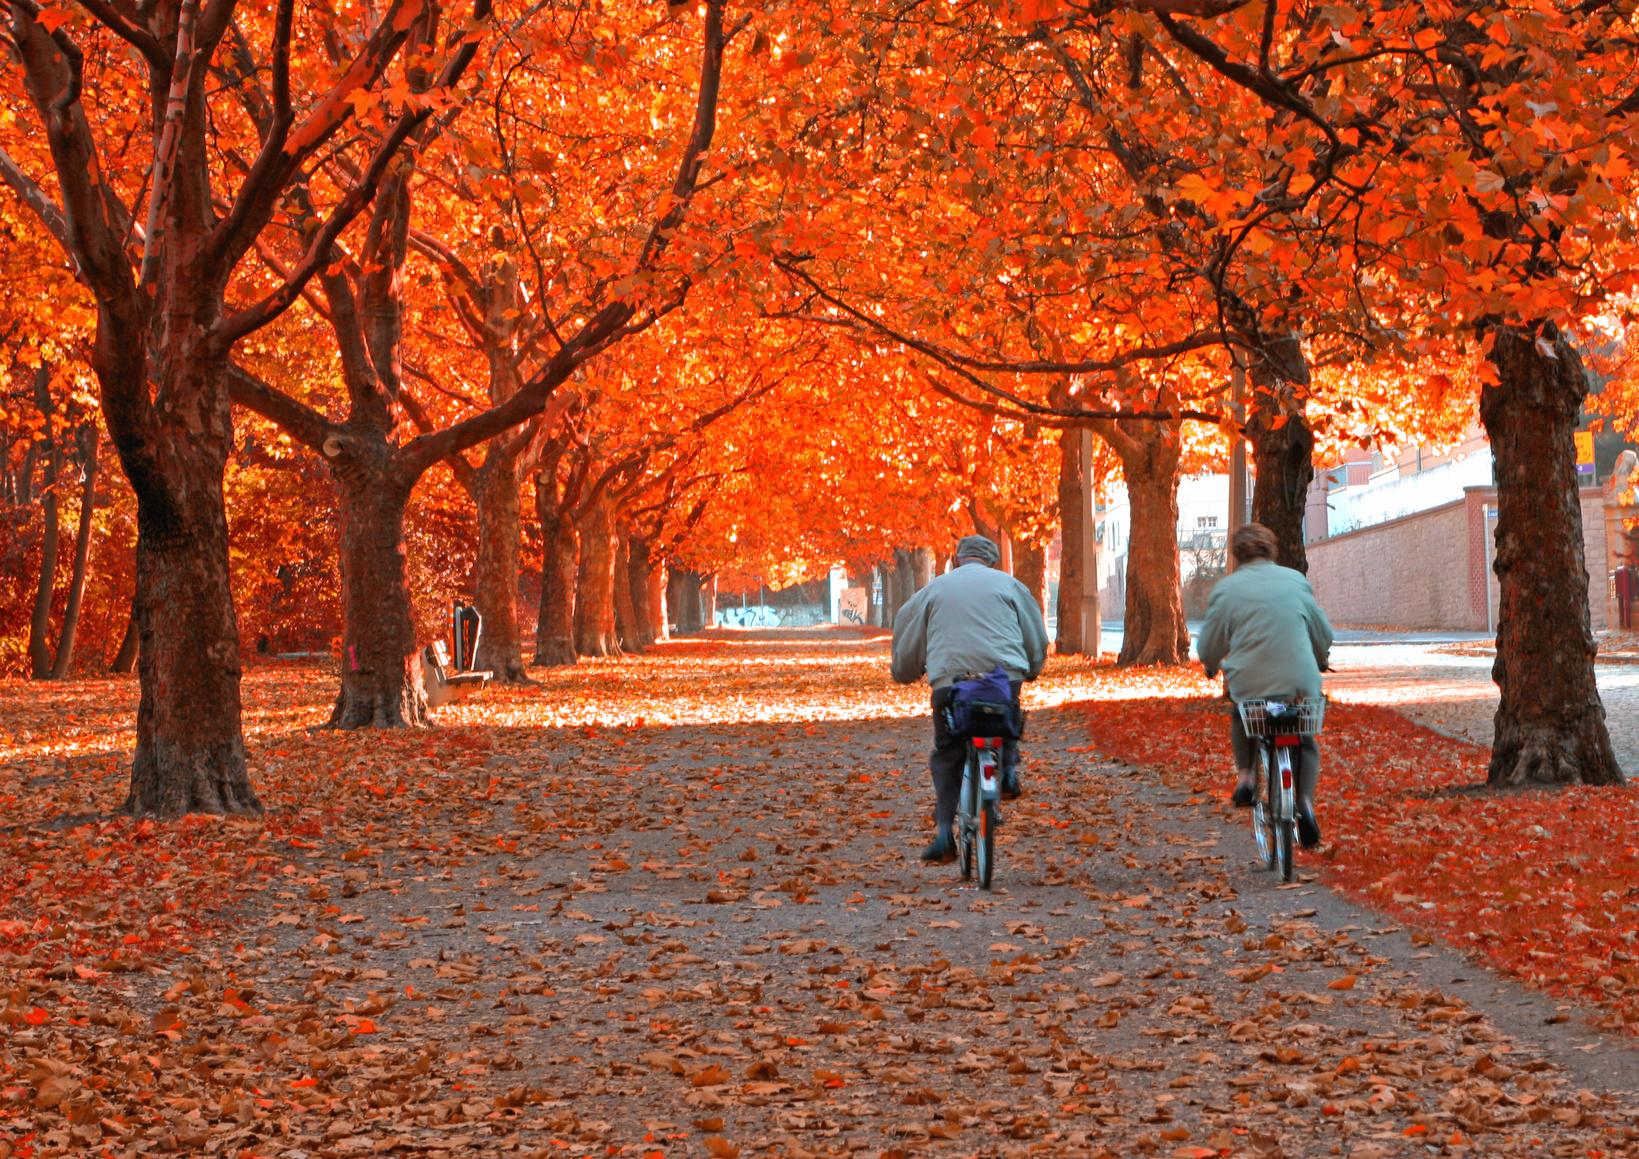 Seniorin und Senior auf Velo in Herbst-Allee